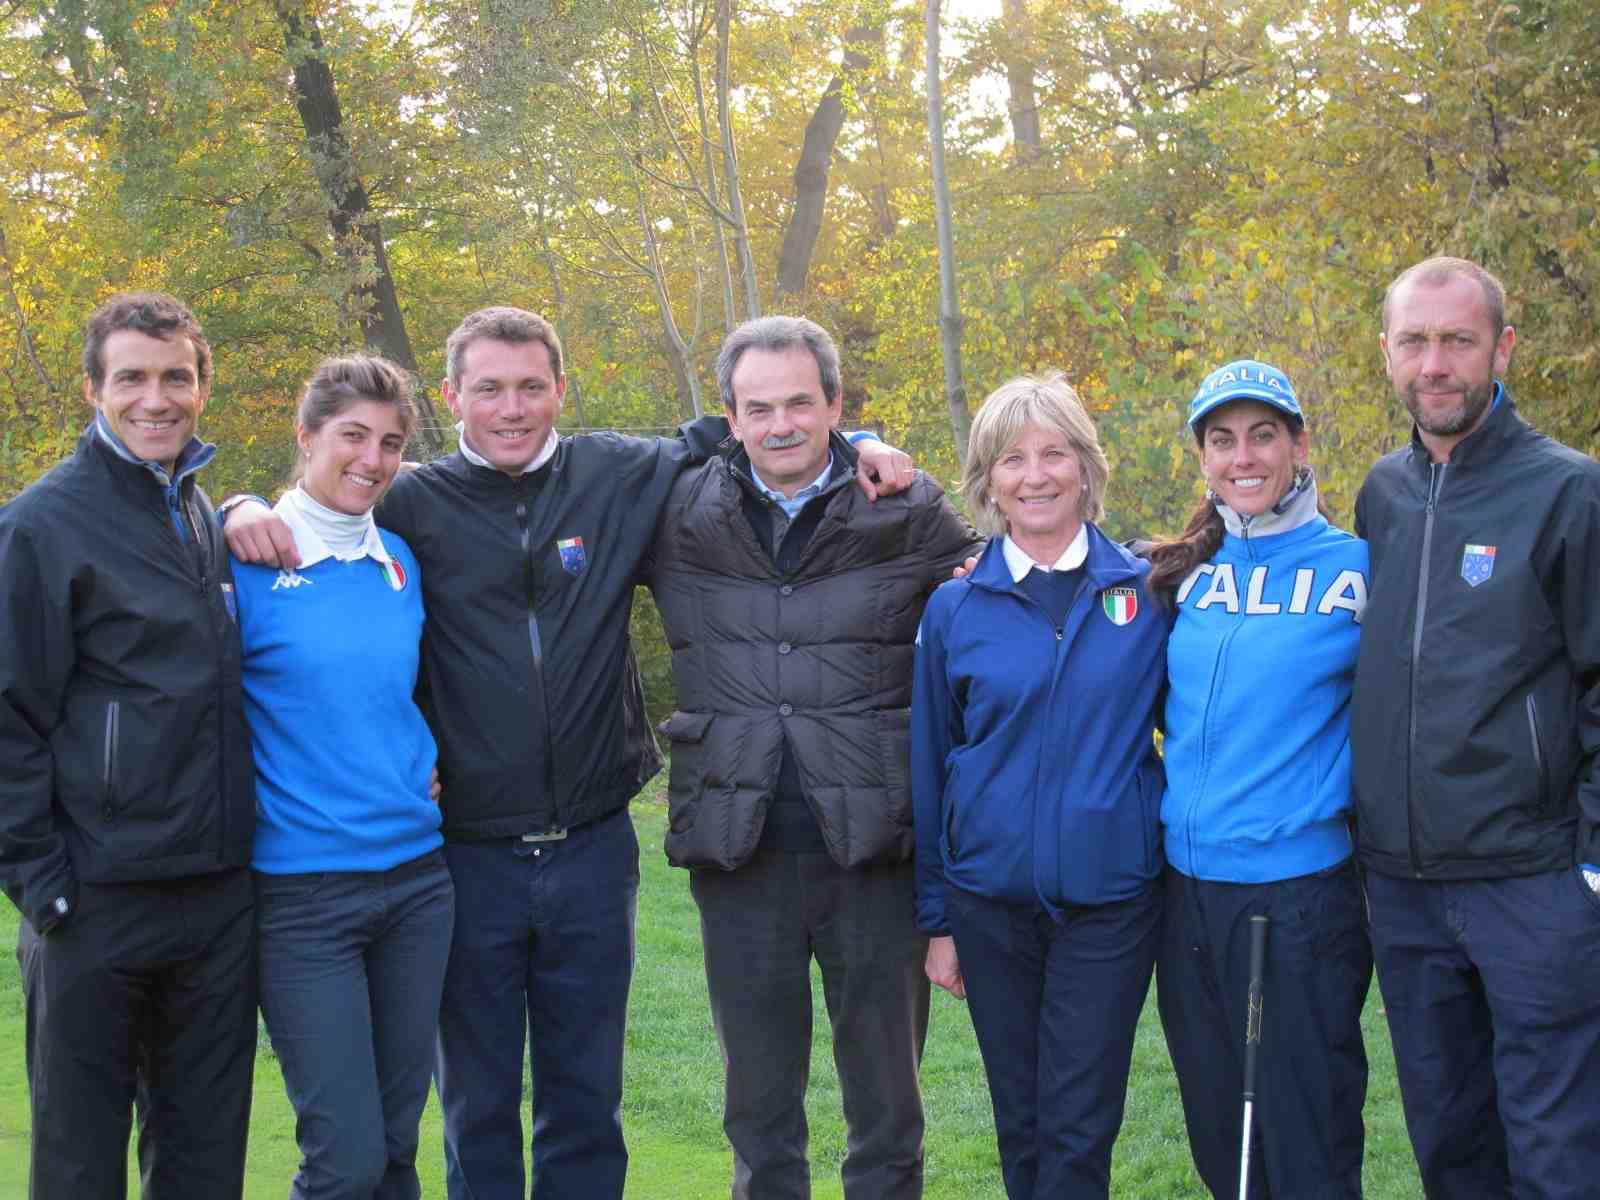 Una magnifica giornata sul campo di golf con la Nazionale Femminile guidata dal Capitano Laura Benazzo, dal maestro di golf Roberto Zappa, Anna Roscio, Stefania Croce ed Ezio Sibona.